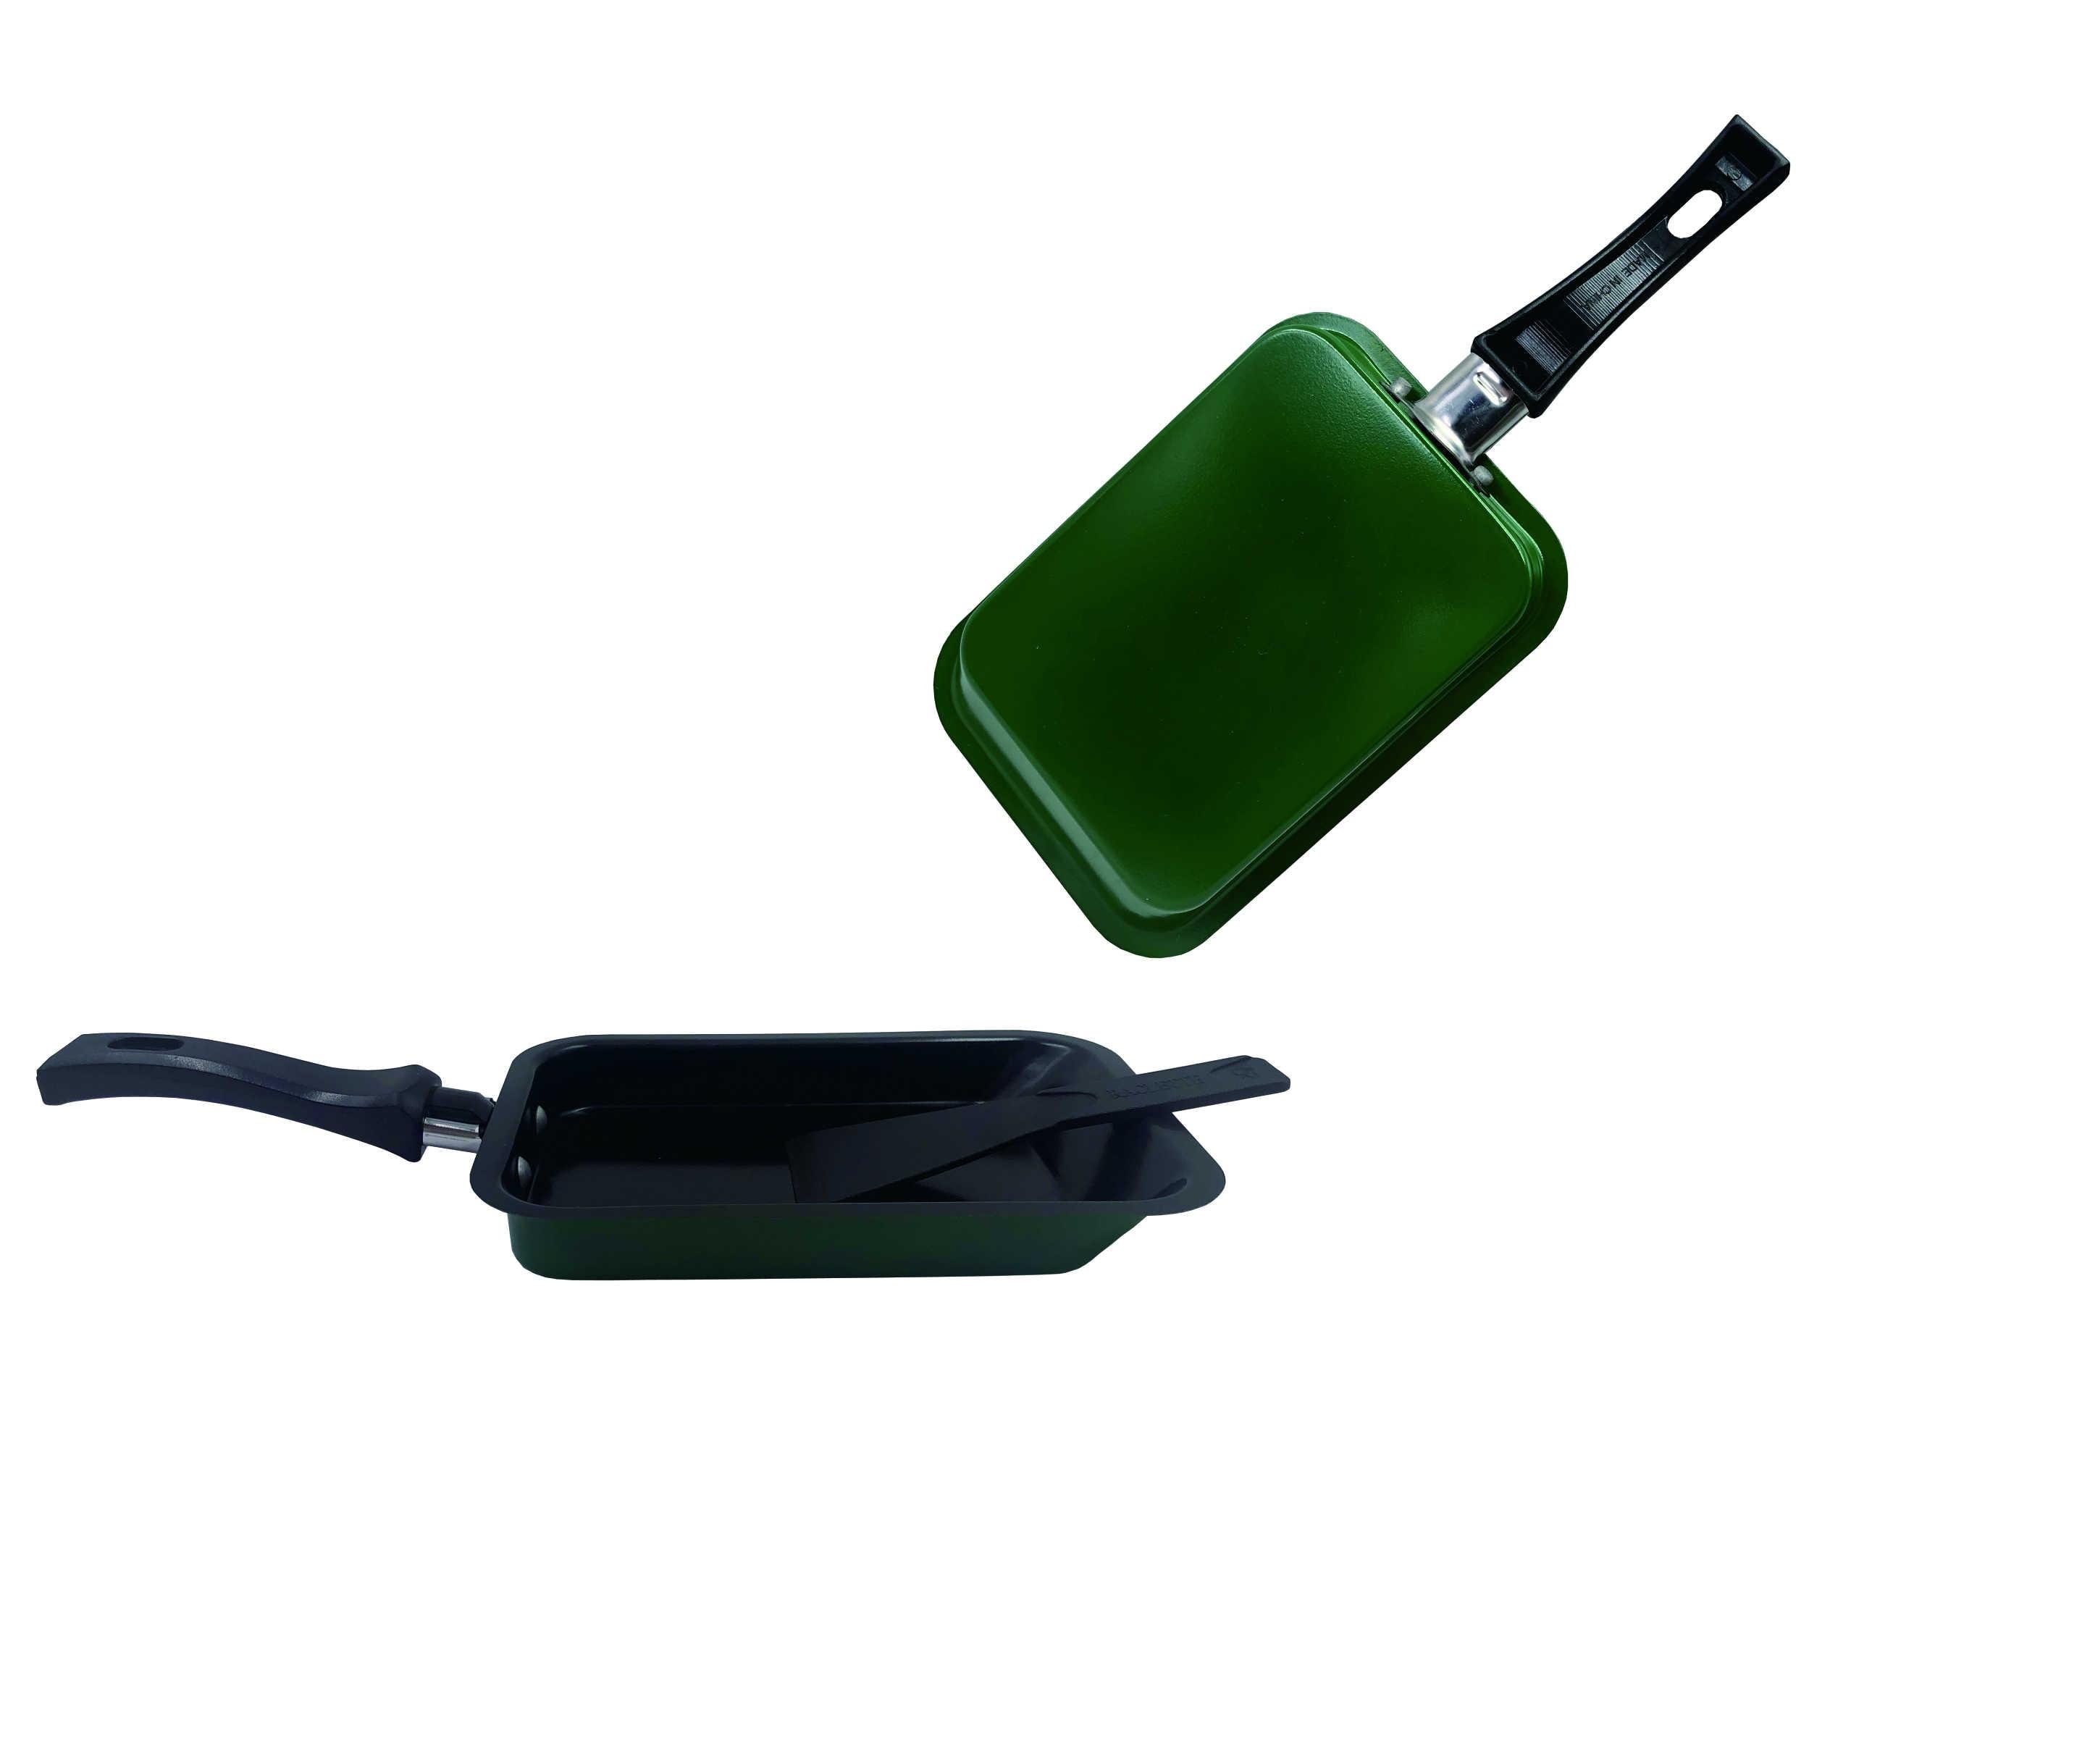 Non-Stick มินิสแควร์เหล็กหล่อกระทะทอดไข่เจียวสำหรับไข่แฮม PAN อาหารเช้ากระทะย่างแบบพกพา PAN เครื่องครัวเครื่องมือทำอาหาร